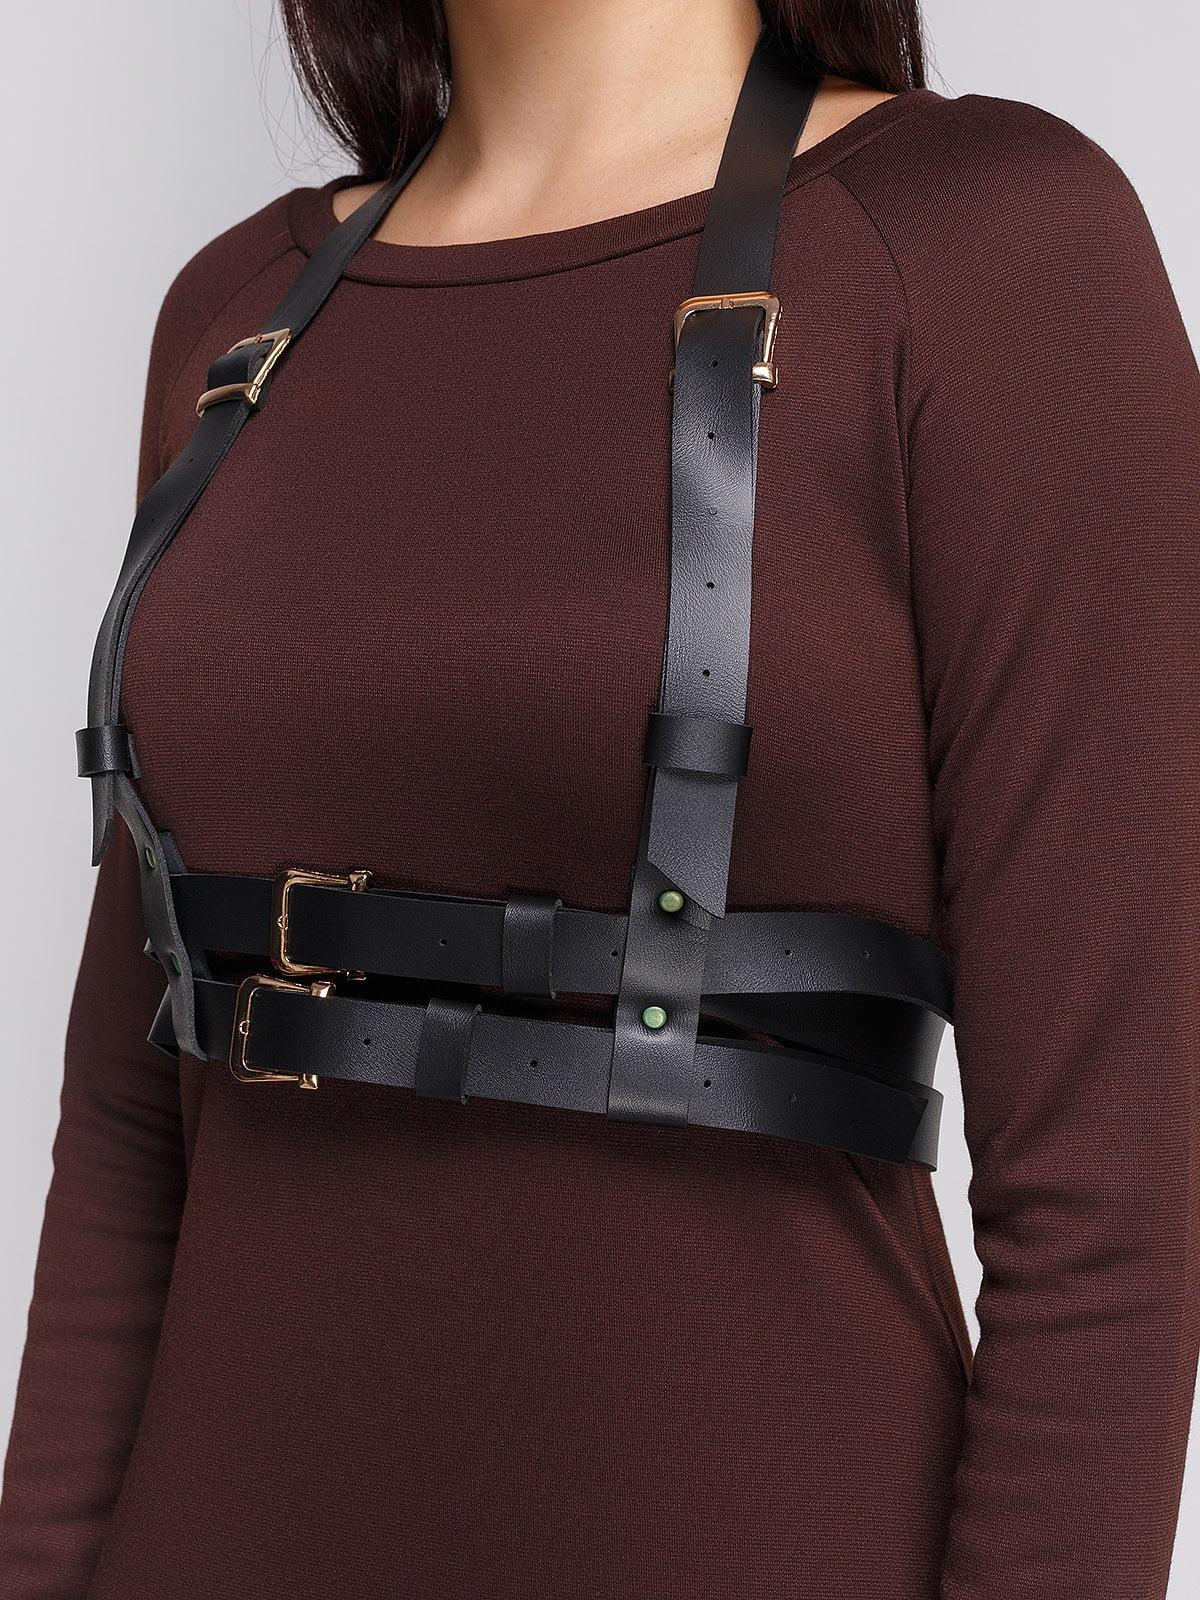 Платье коричневое с портупеей   3665345   фото 3